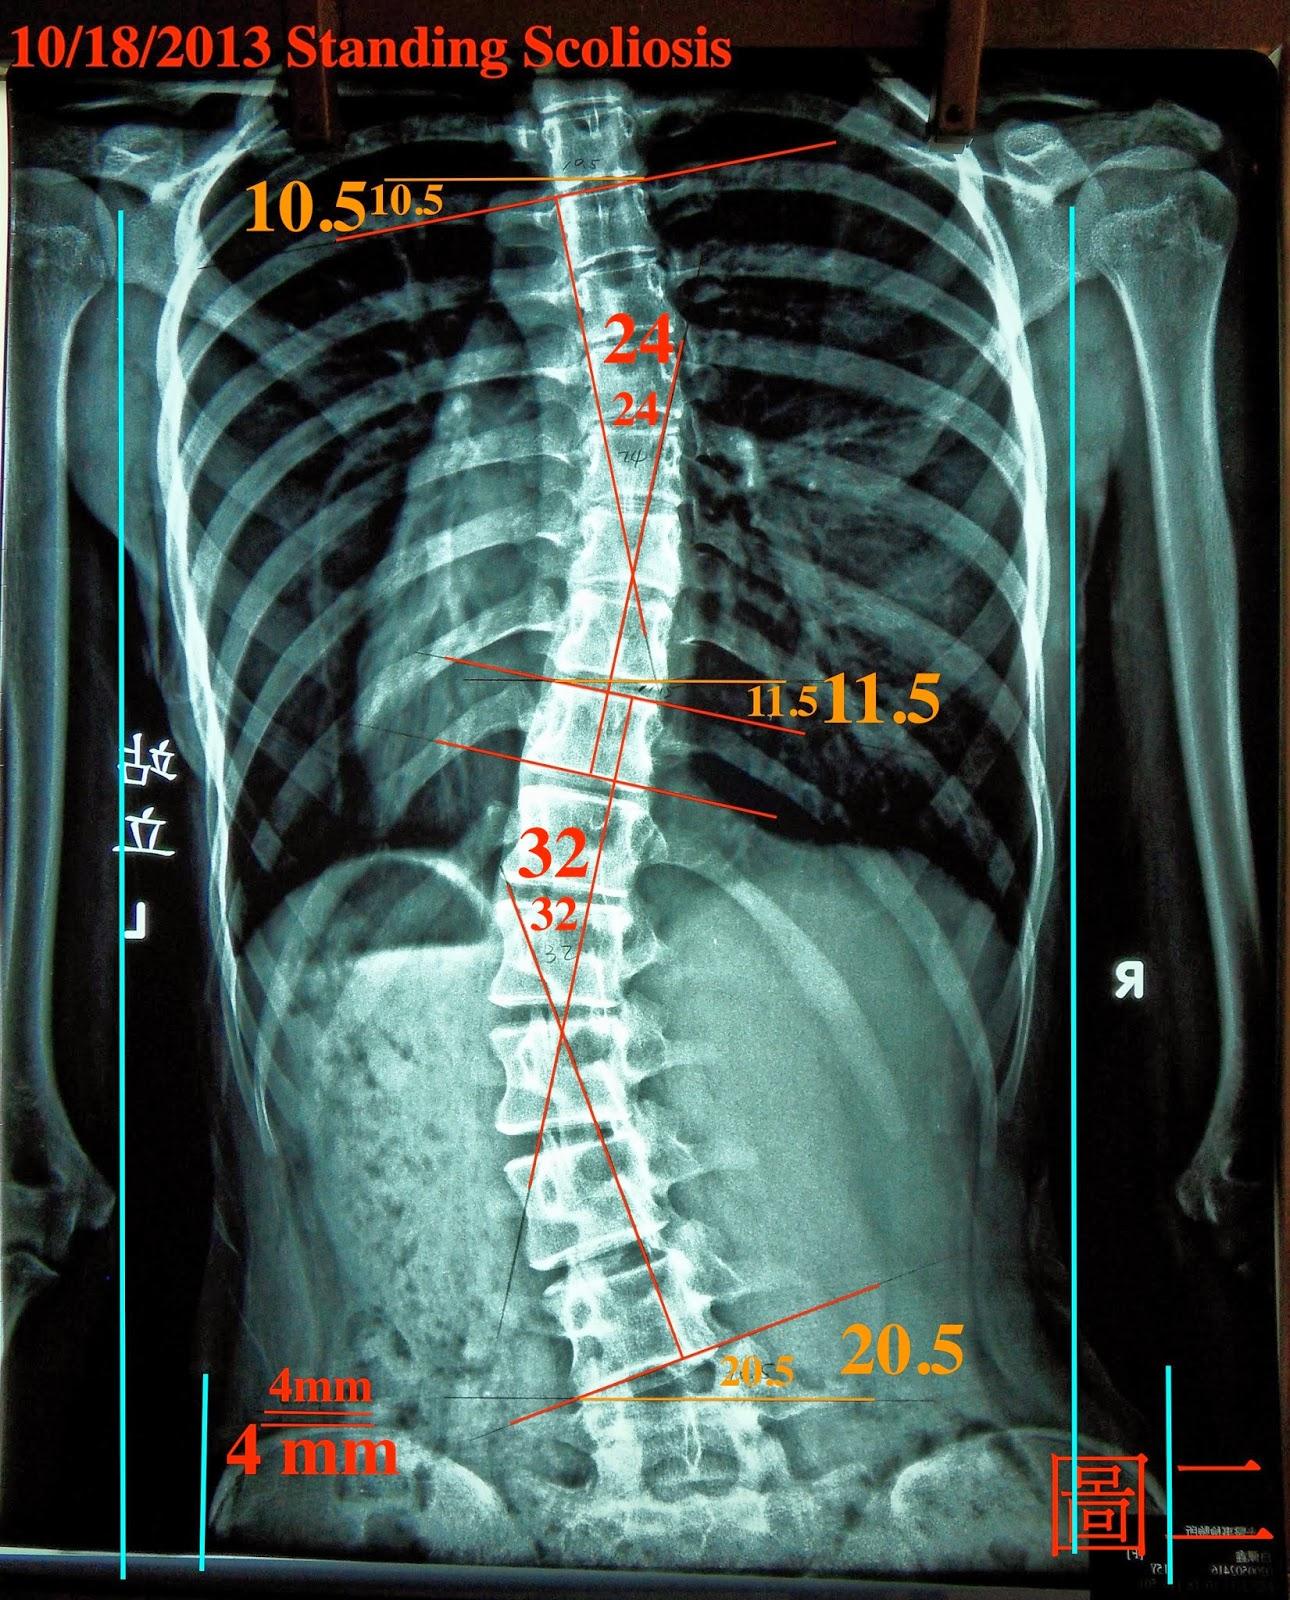 脊椎側彎, 脊椎度數, 脊椎側彎矯正, 脊椎側彎治療, 脊椎側彎矯正成功案例, 脊椎側彎 推薦, 脊椎側彎 台中